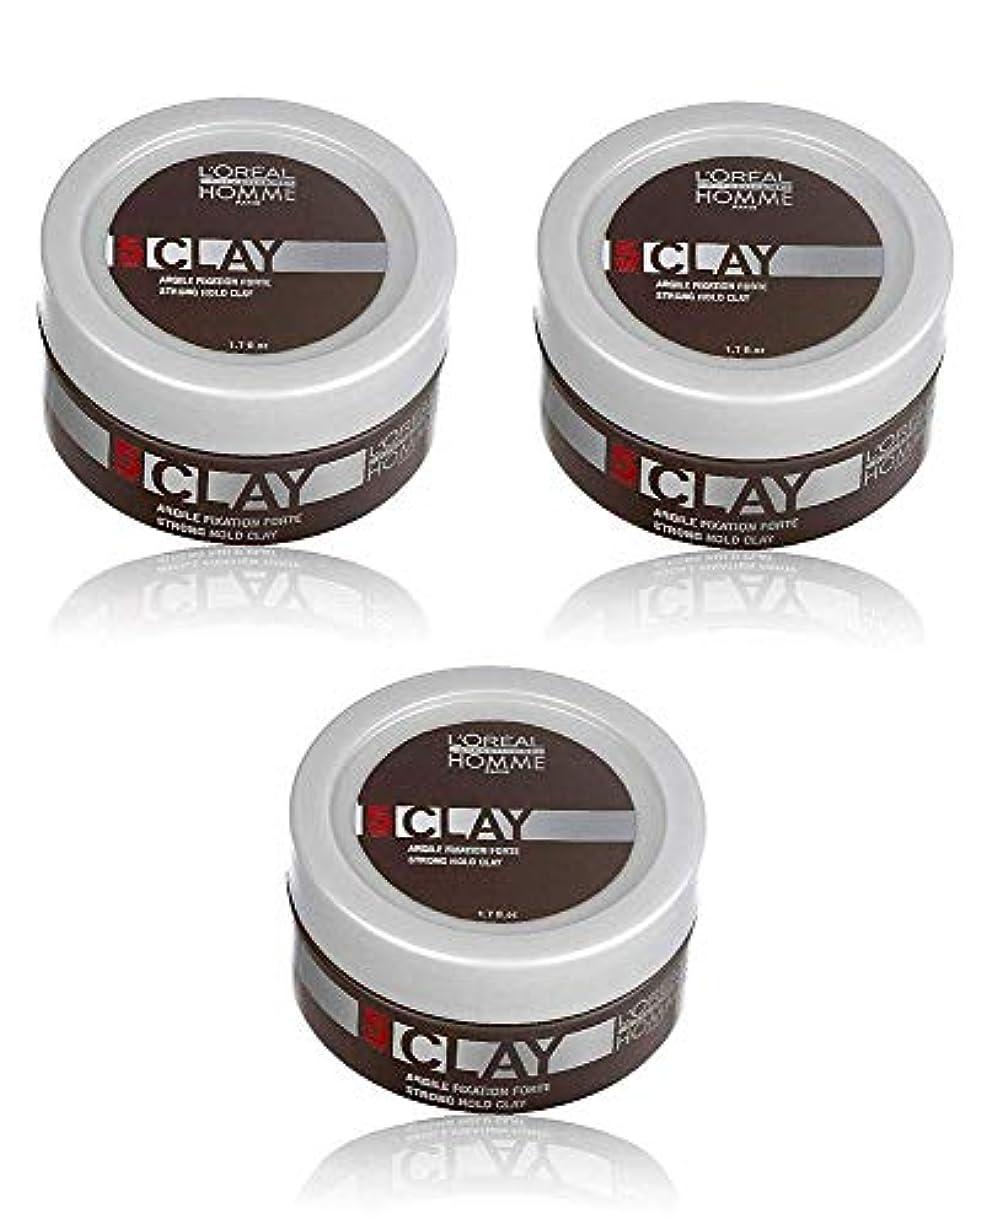 サーマル暖かさ日常的にロレアル プロフェッショナル  5 クレイワックス 50g [ミディアムハードホールド] 整髪料